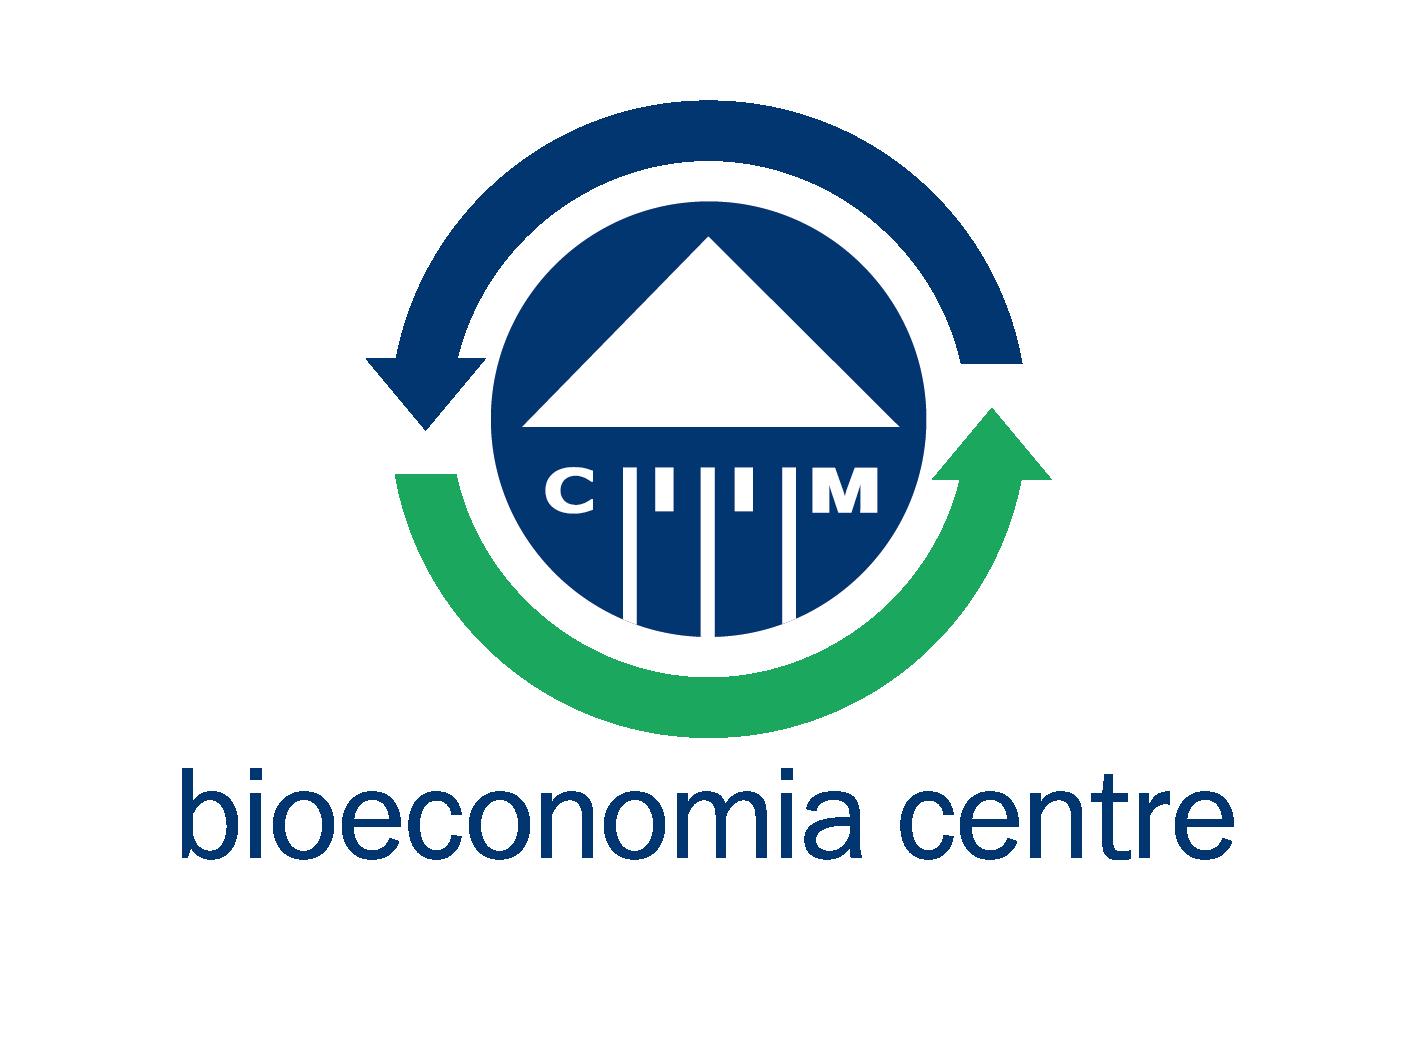 Bioeconomia Logo